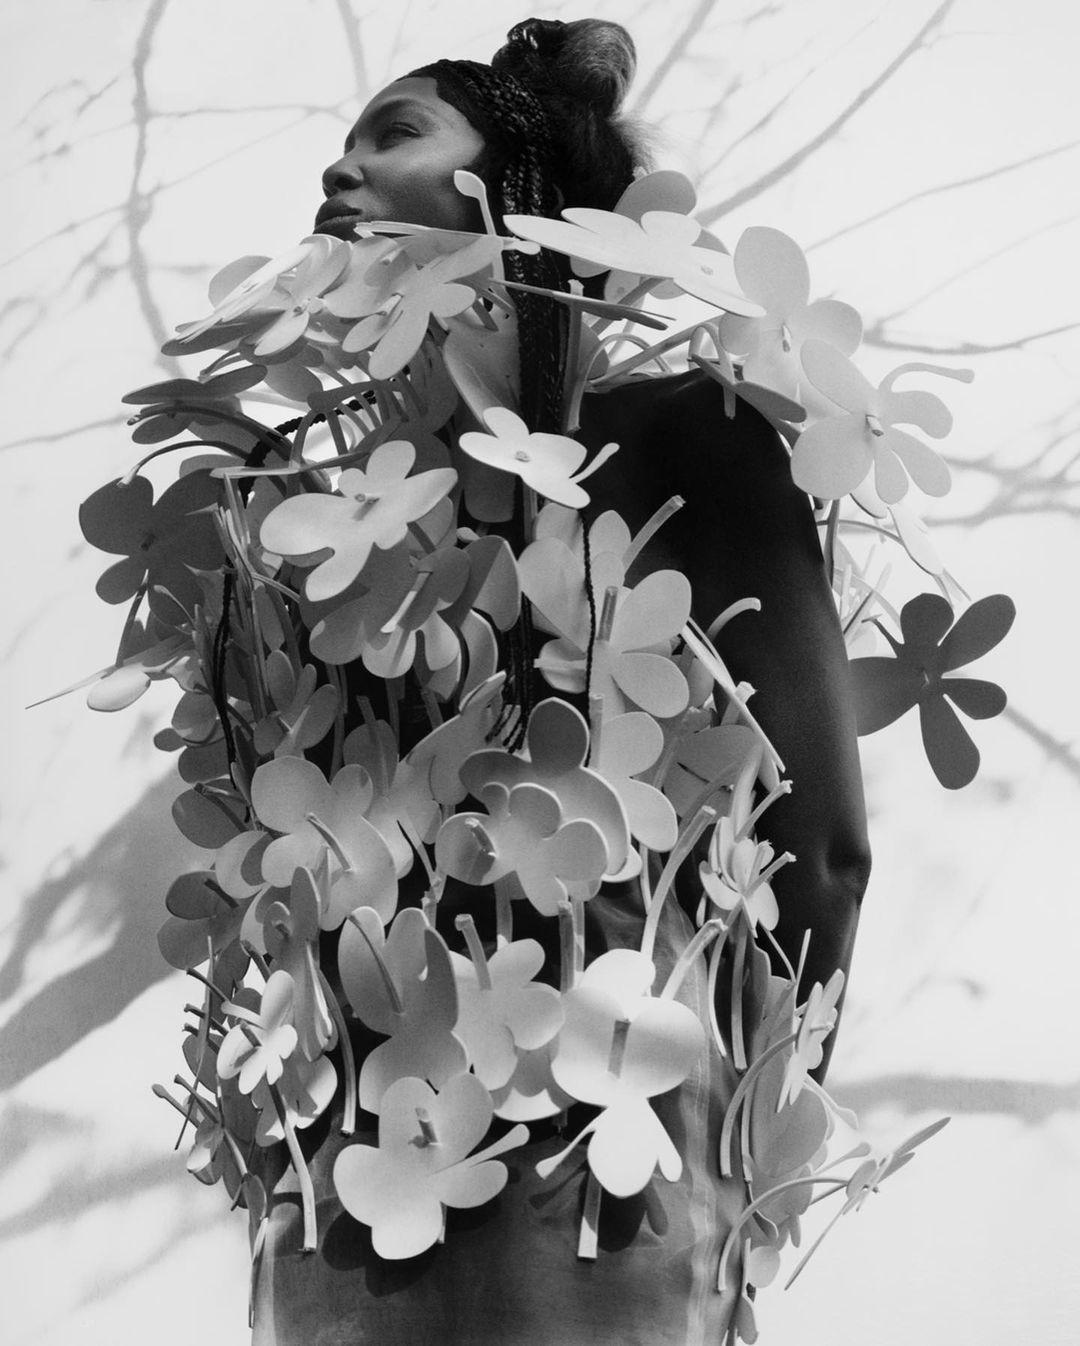 Наоми Кэмпбелл снялась в новой откровенной фотосессии для i-D Magazine